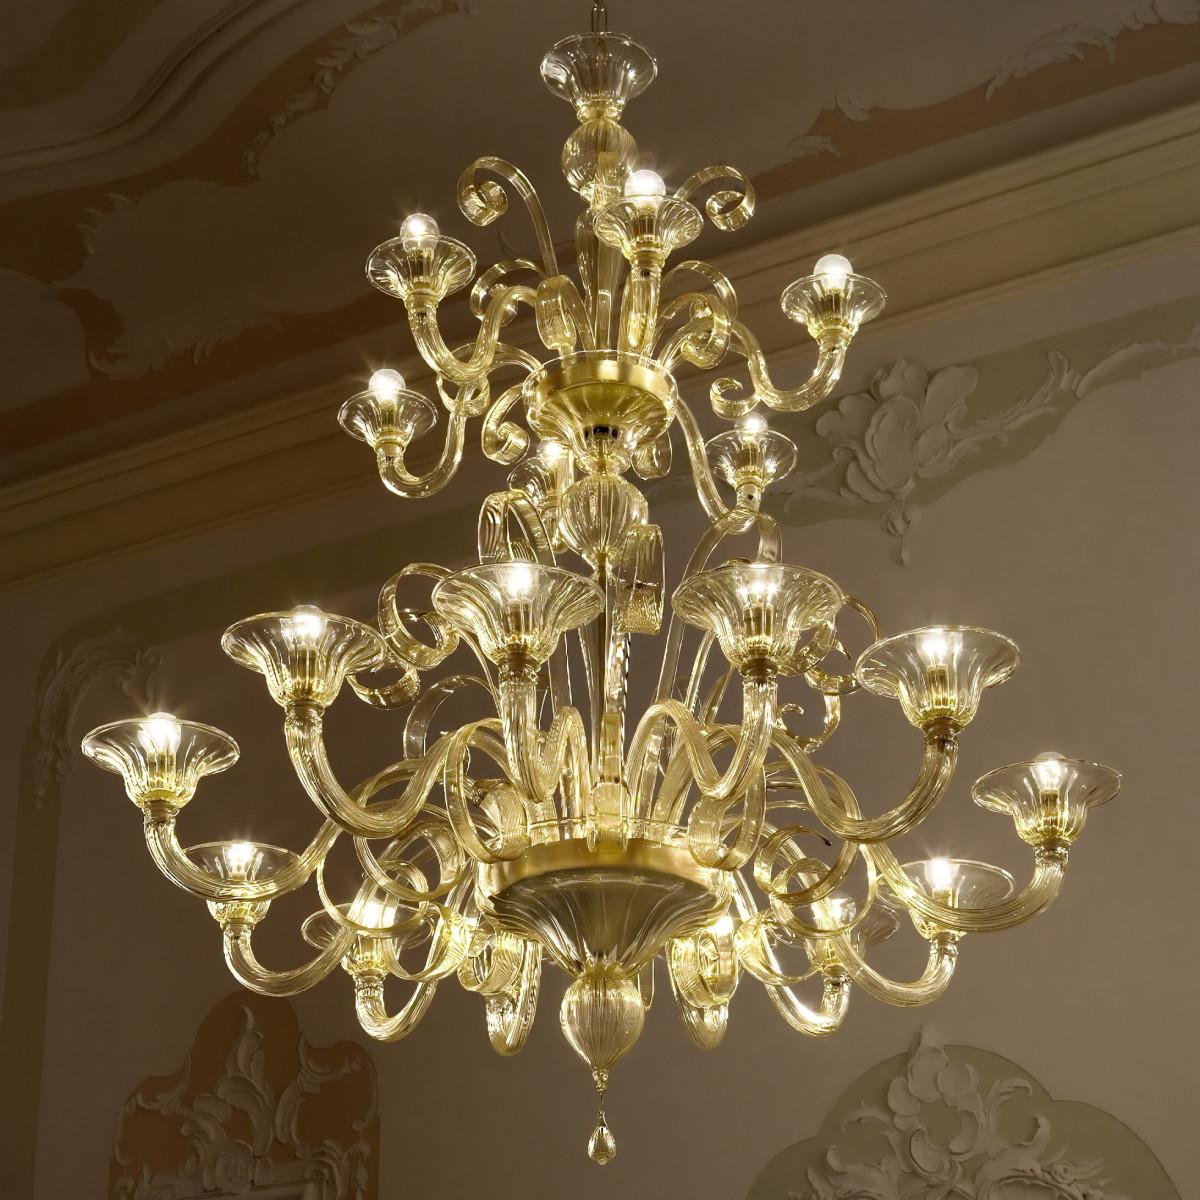 Goldoni 2 etages 12+6 lumieres lustre de Murano - couleur ambre